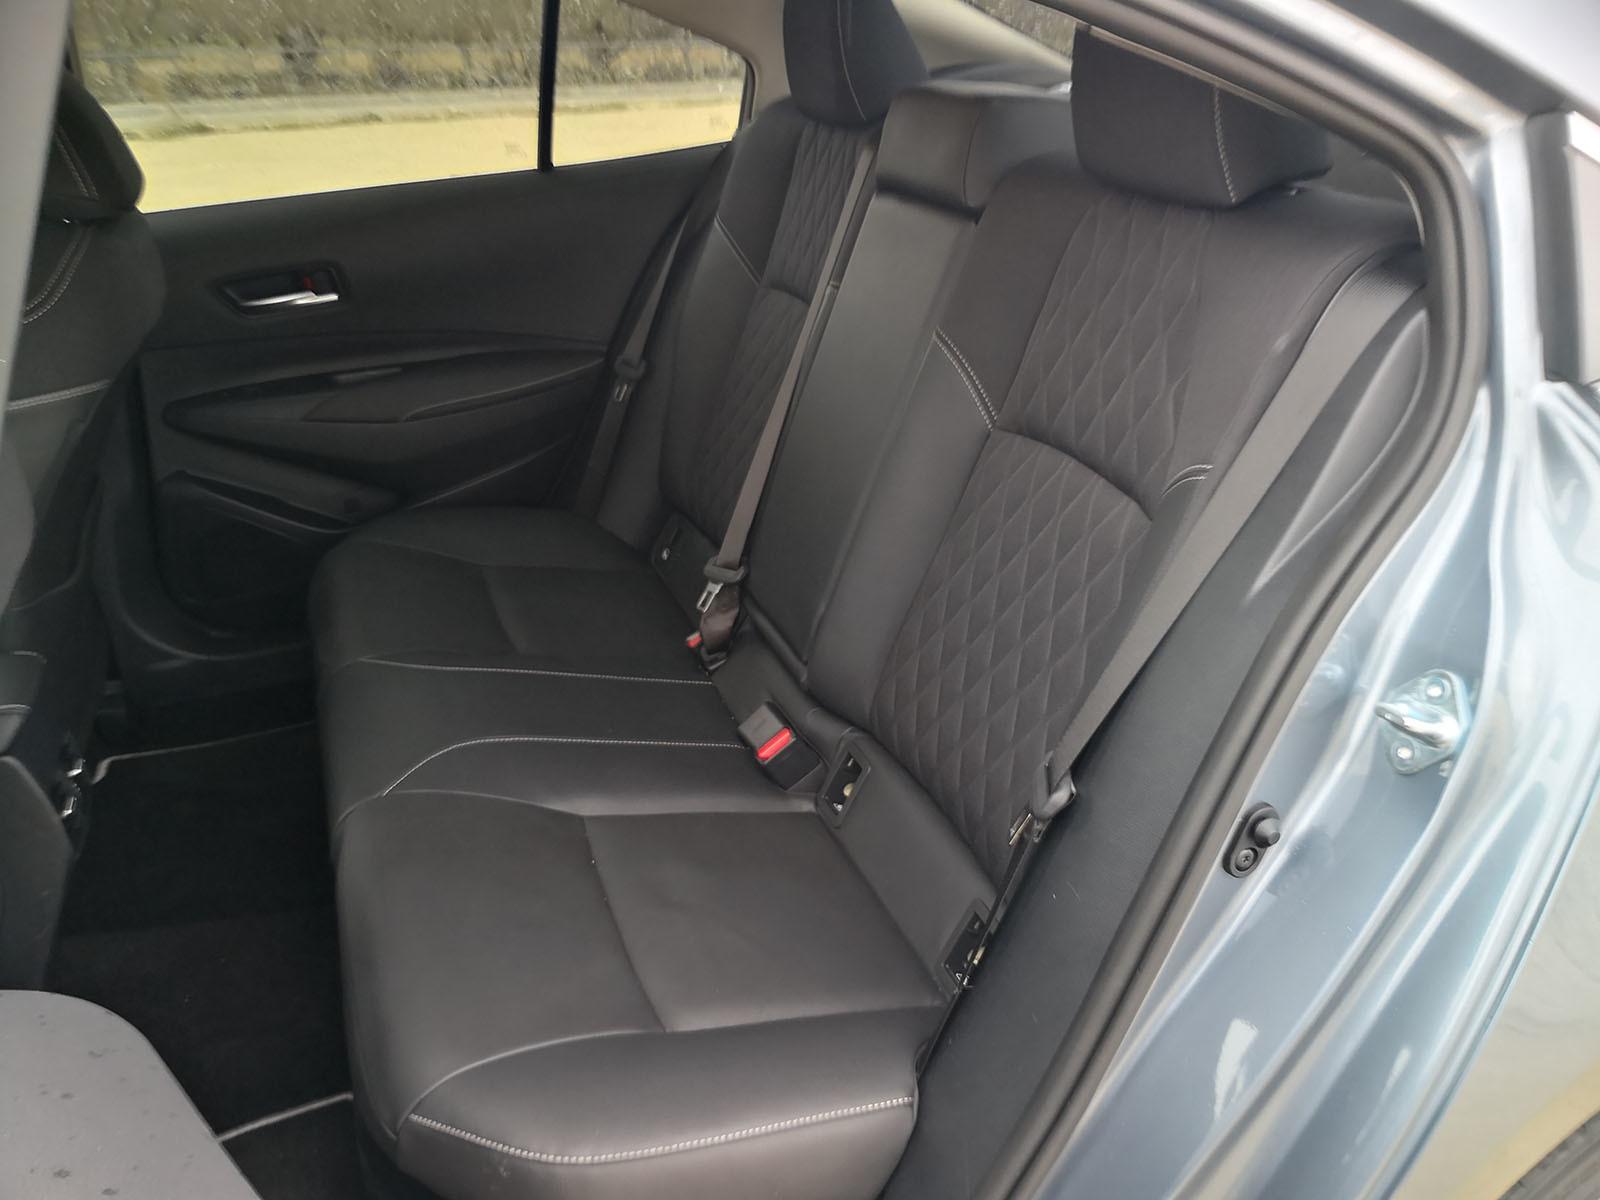 Foto de Toyota Corolla Sedán - Fotos interiores (15/19)